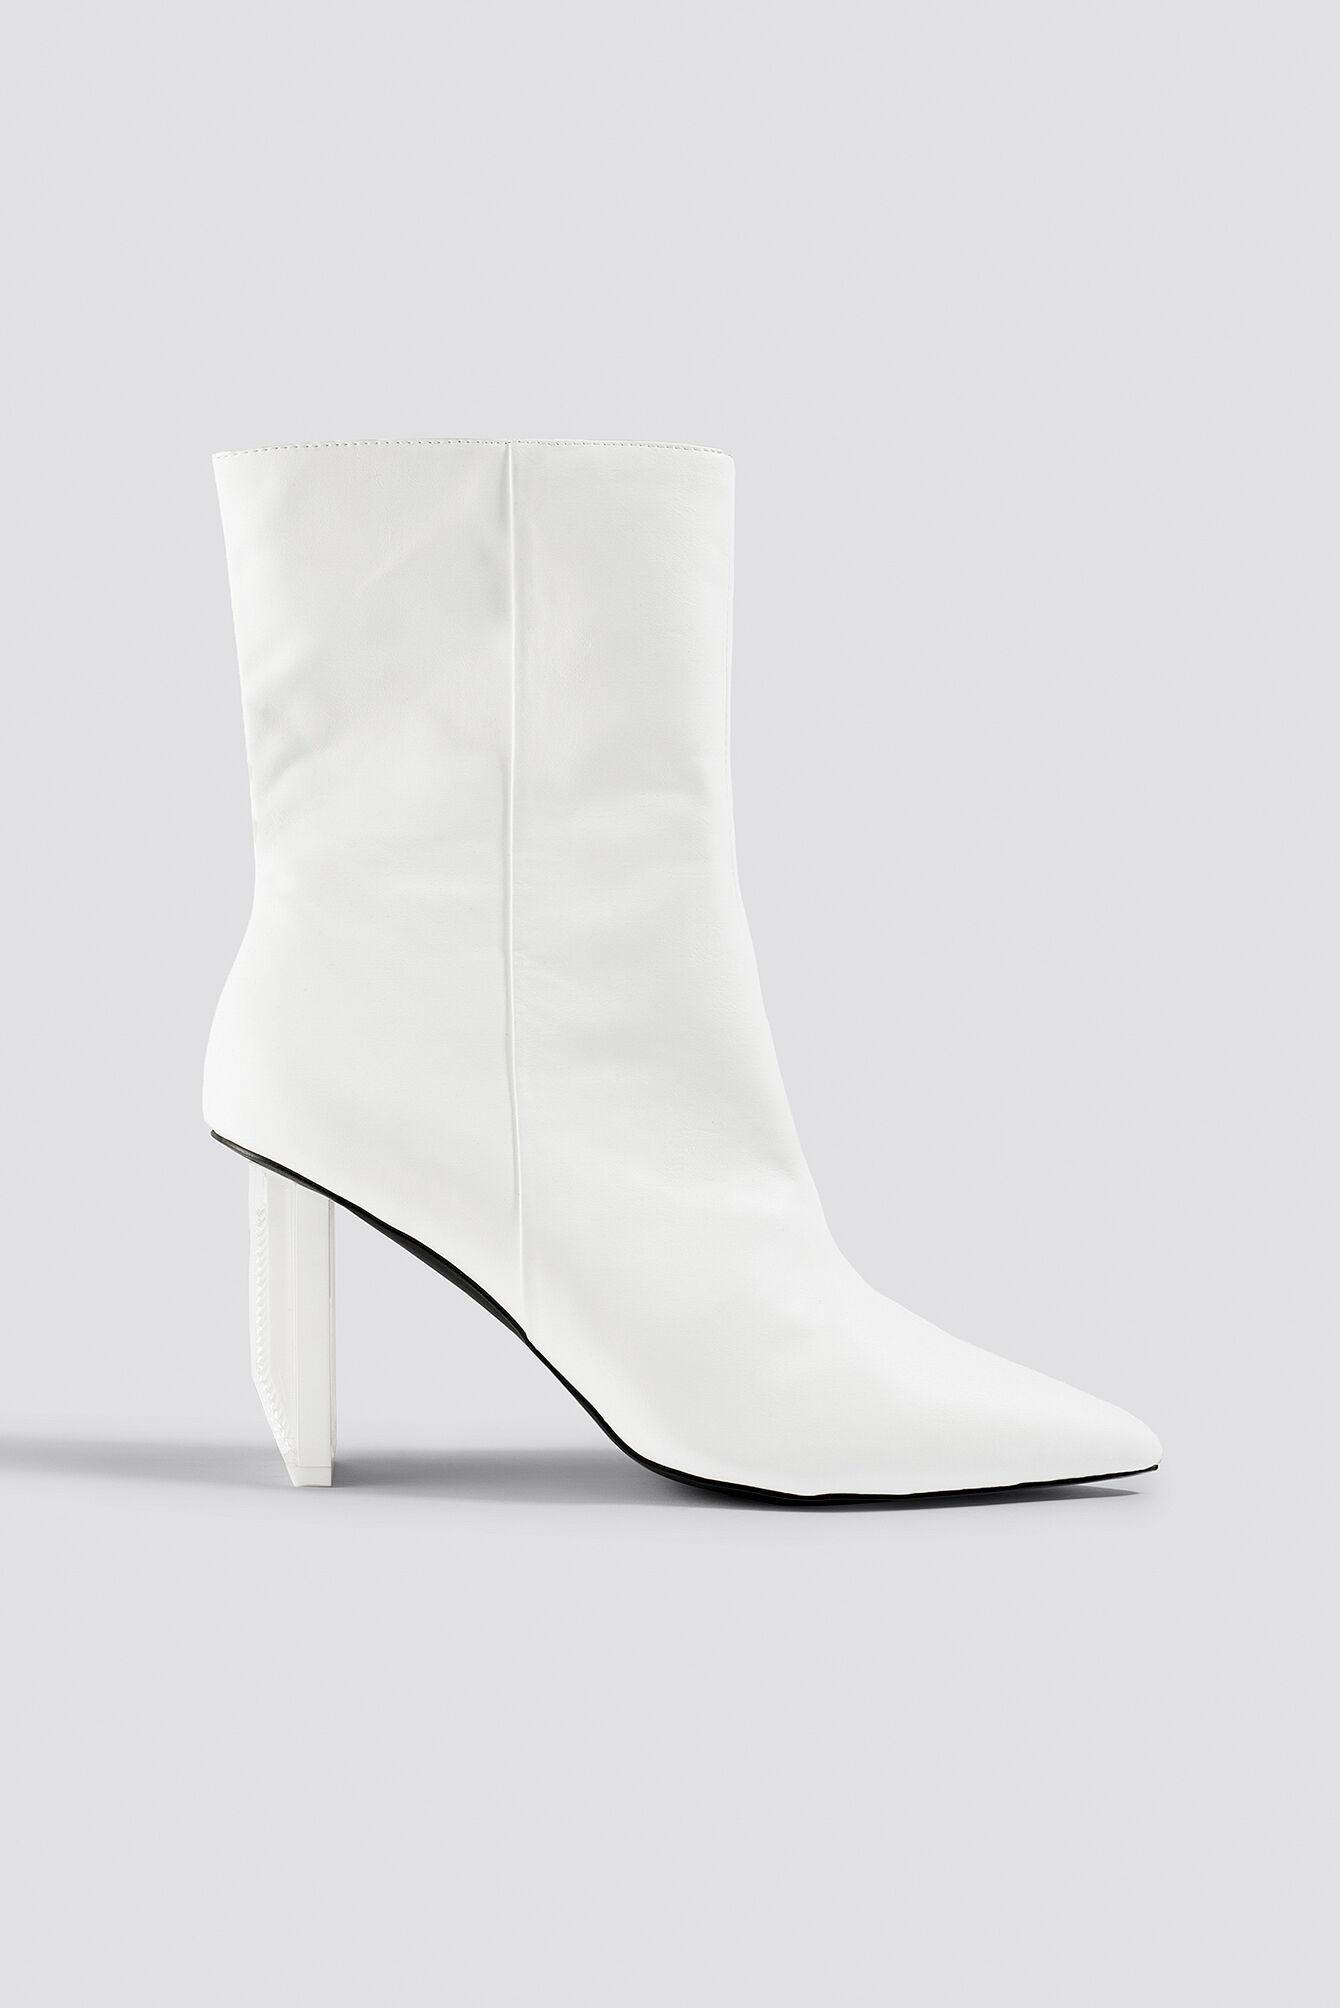 Sahara Ray x NA-KD Asymmetric Heel Boots - White